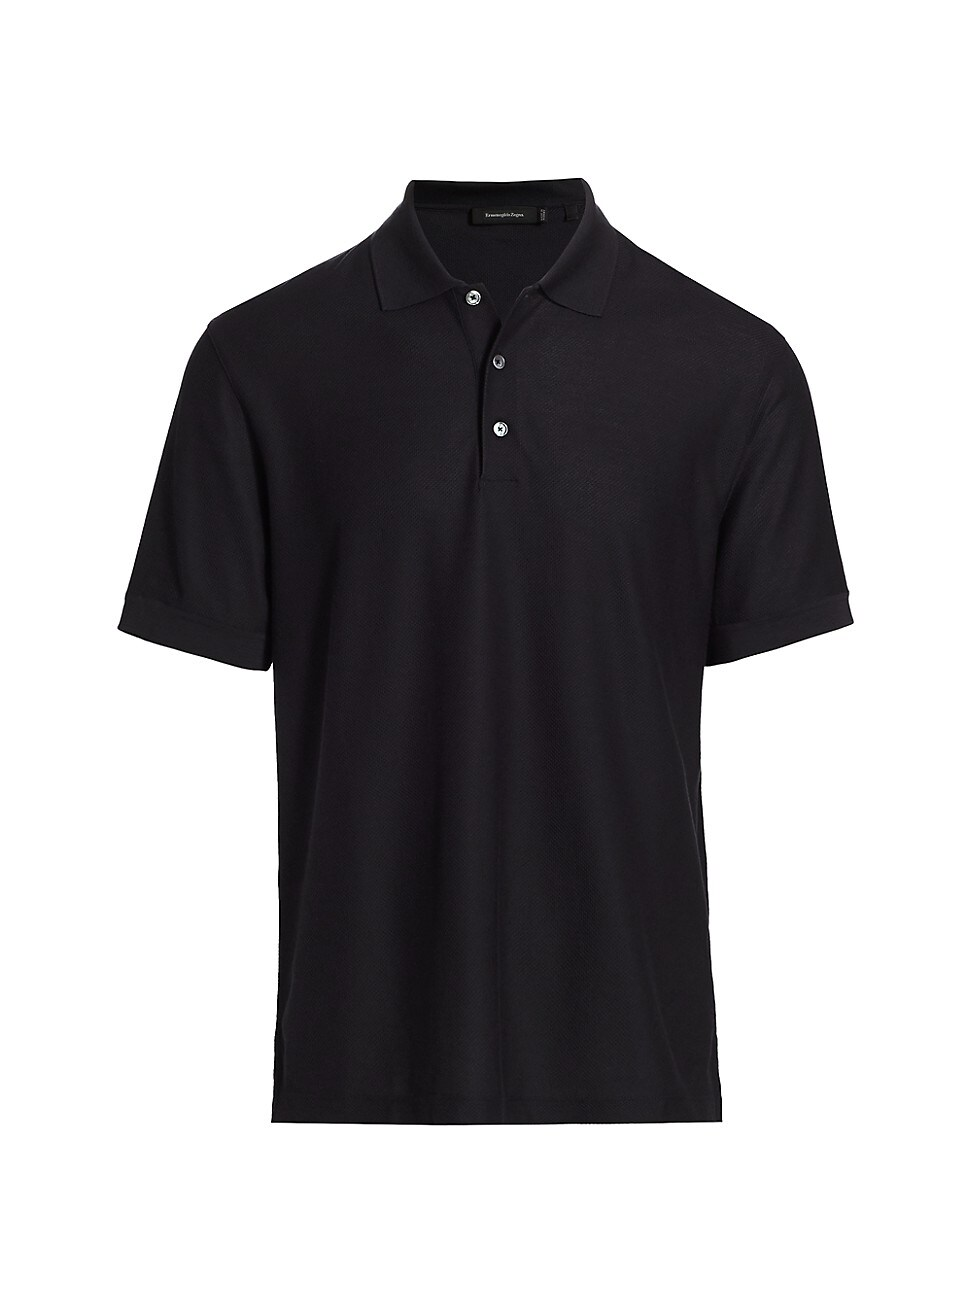 Ermenegildo Zegna Classic Cotton & Silk Polo In Dark Blue Solid